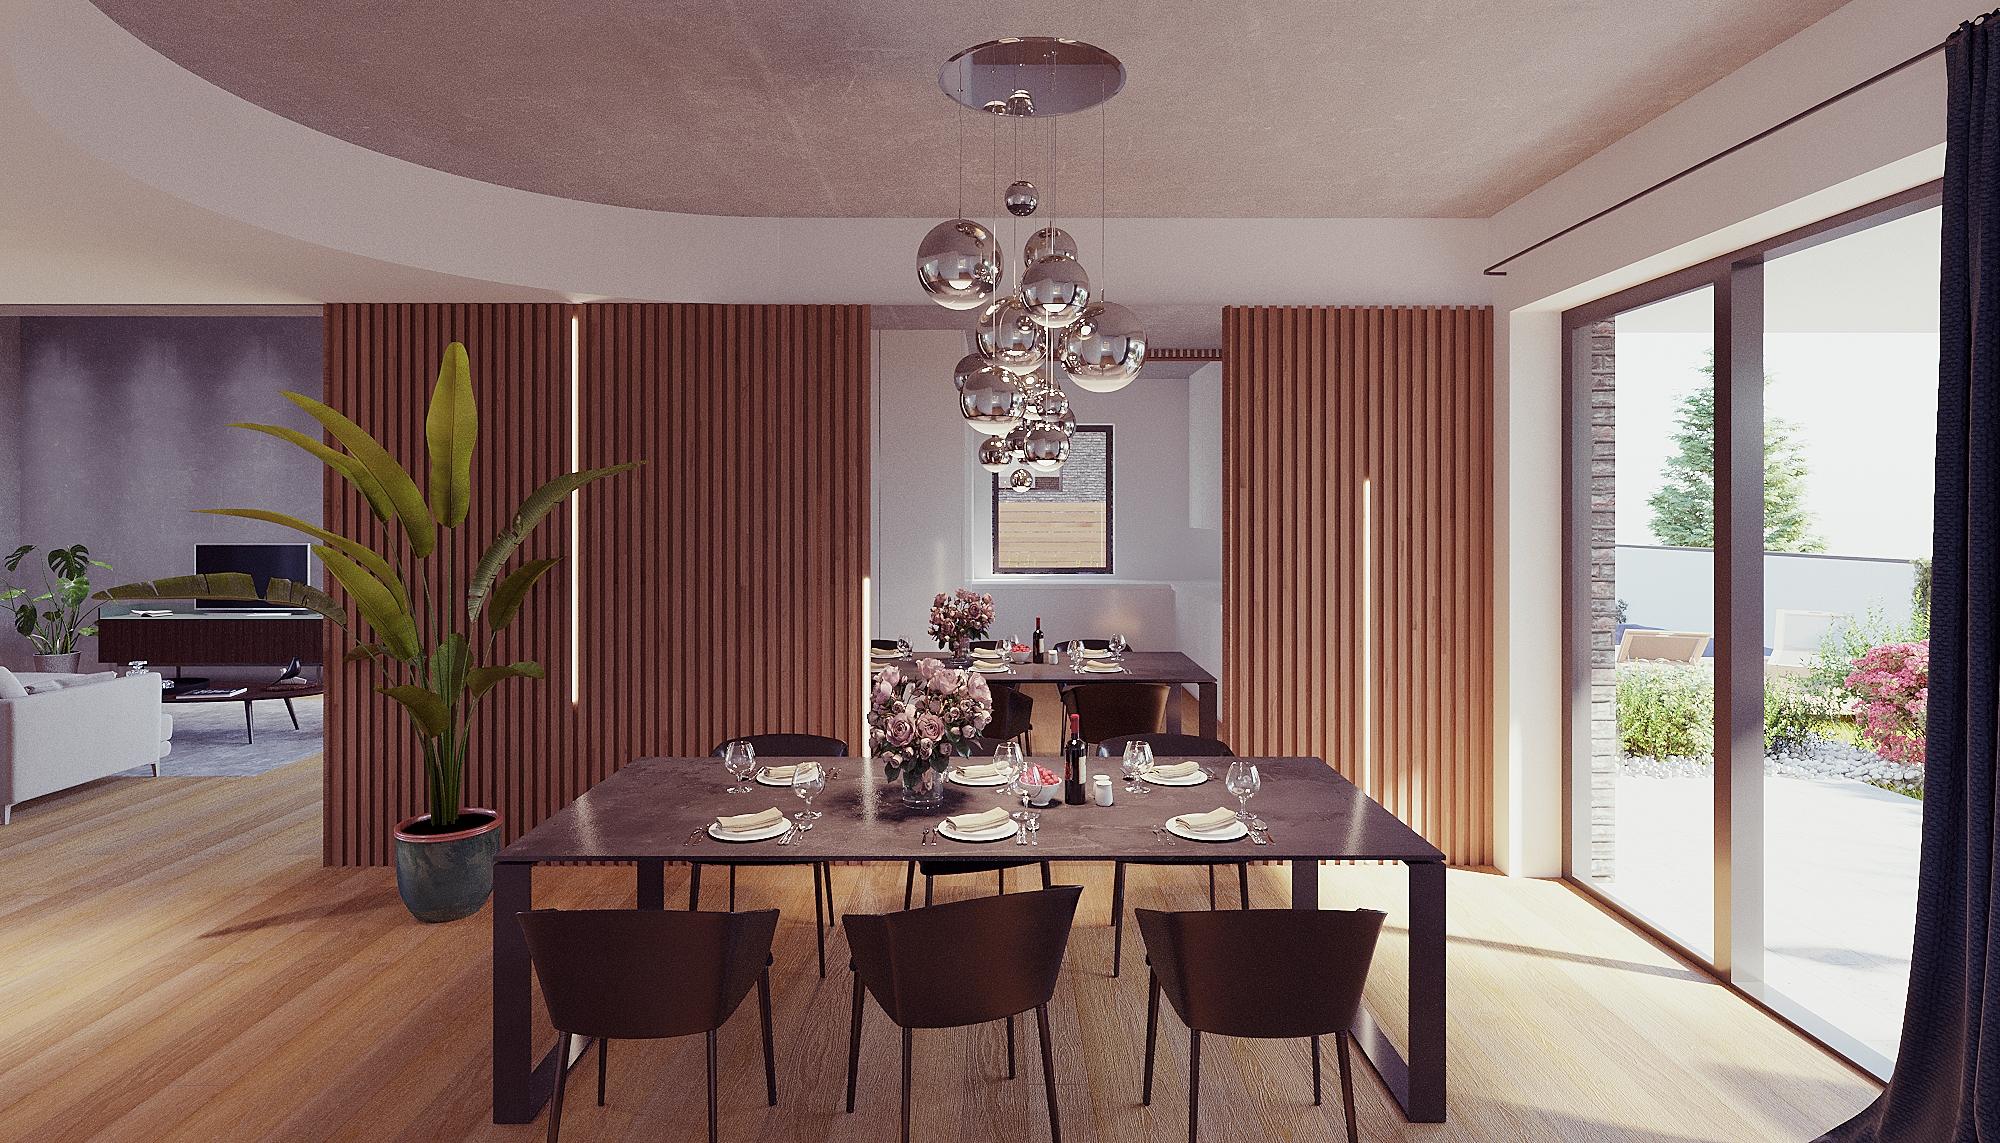 https://nbc-arhitect.ro/wp-content/uploads/2020/10/NBC-Arhitect-_-Laguna-_-Housing-_-interior-view_2.jpg